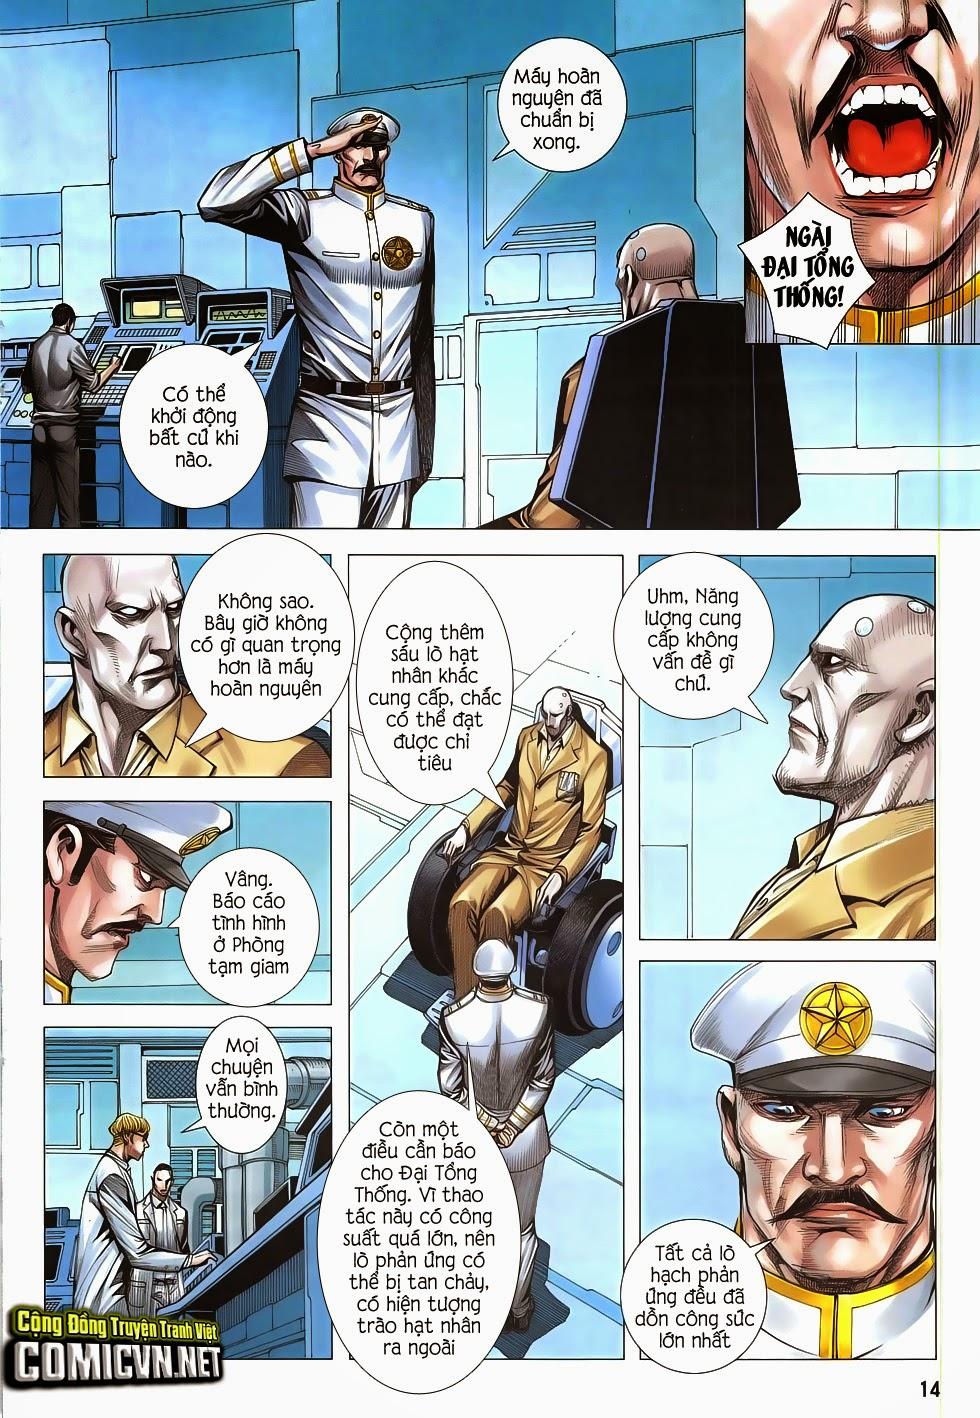 Đại Quân Phiệt chap 47: lời hứa trước khi thế giới chung kết trang 13